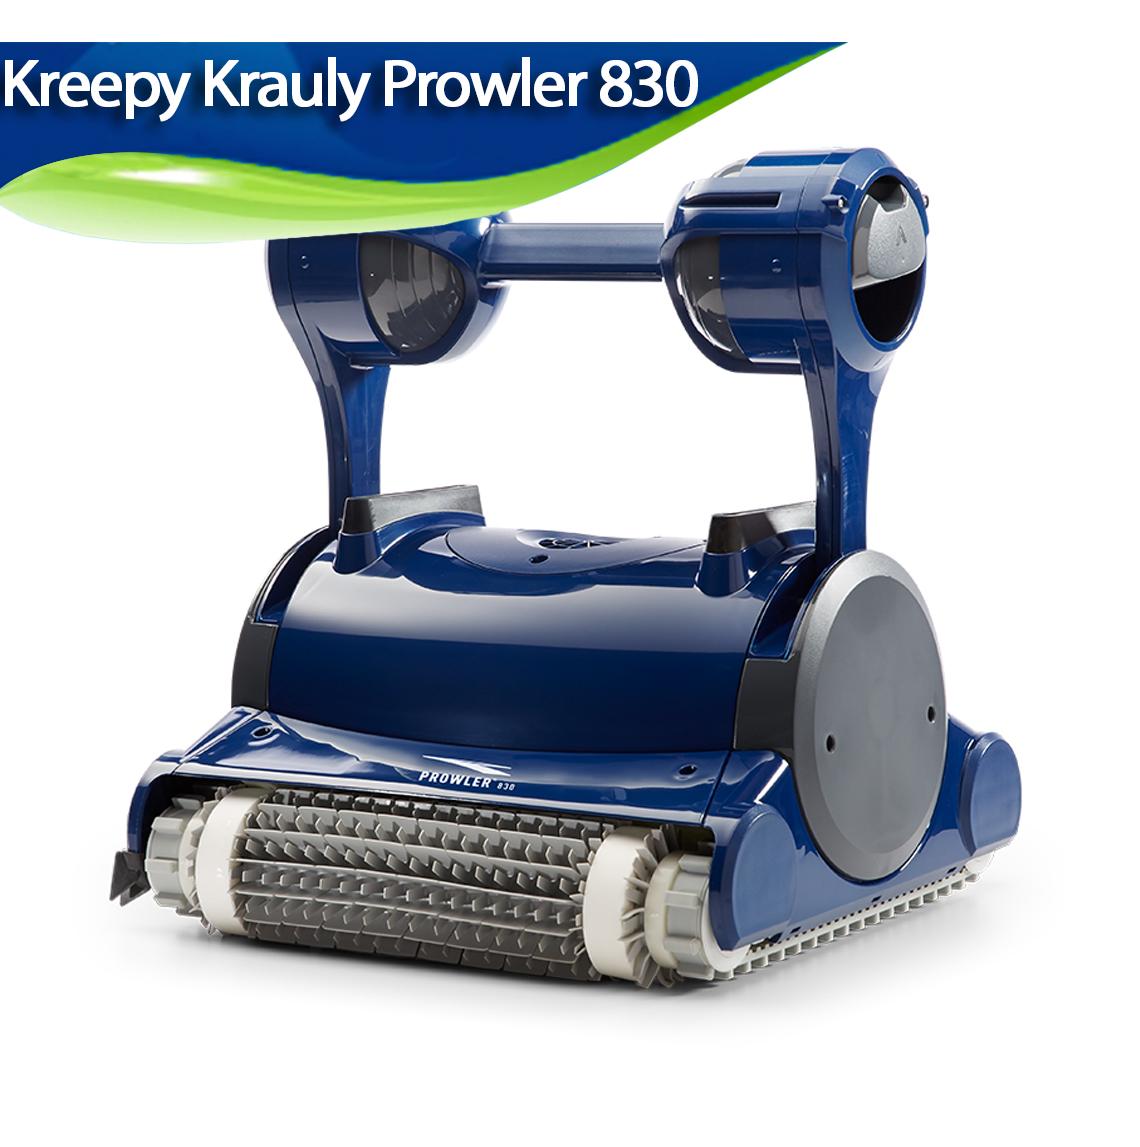 Kreepy Krauly Prowler 830 Review Best Robotic Pool Cleaners